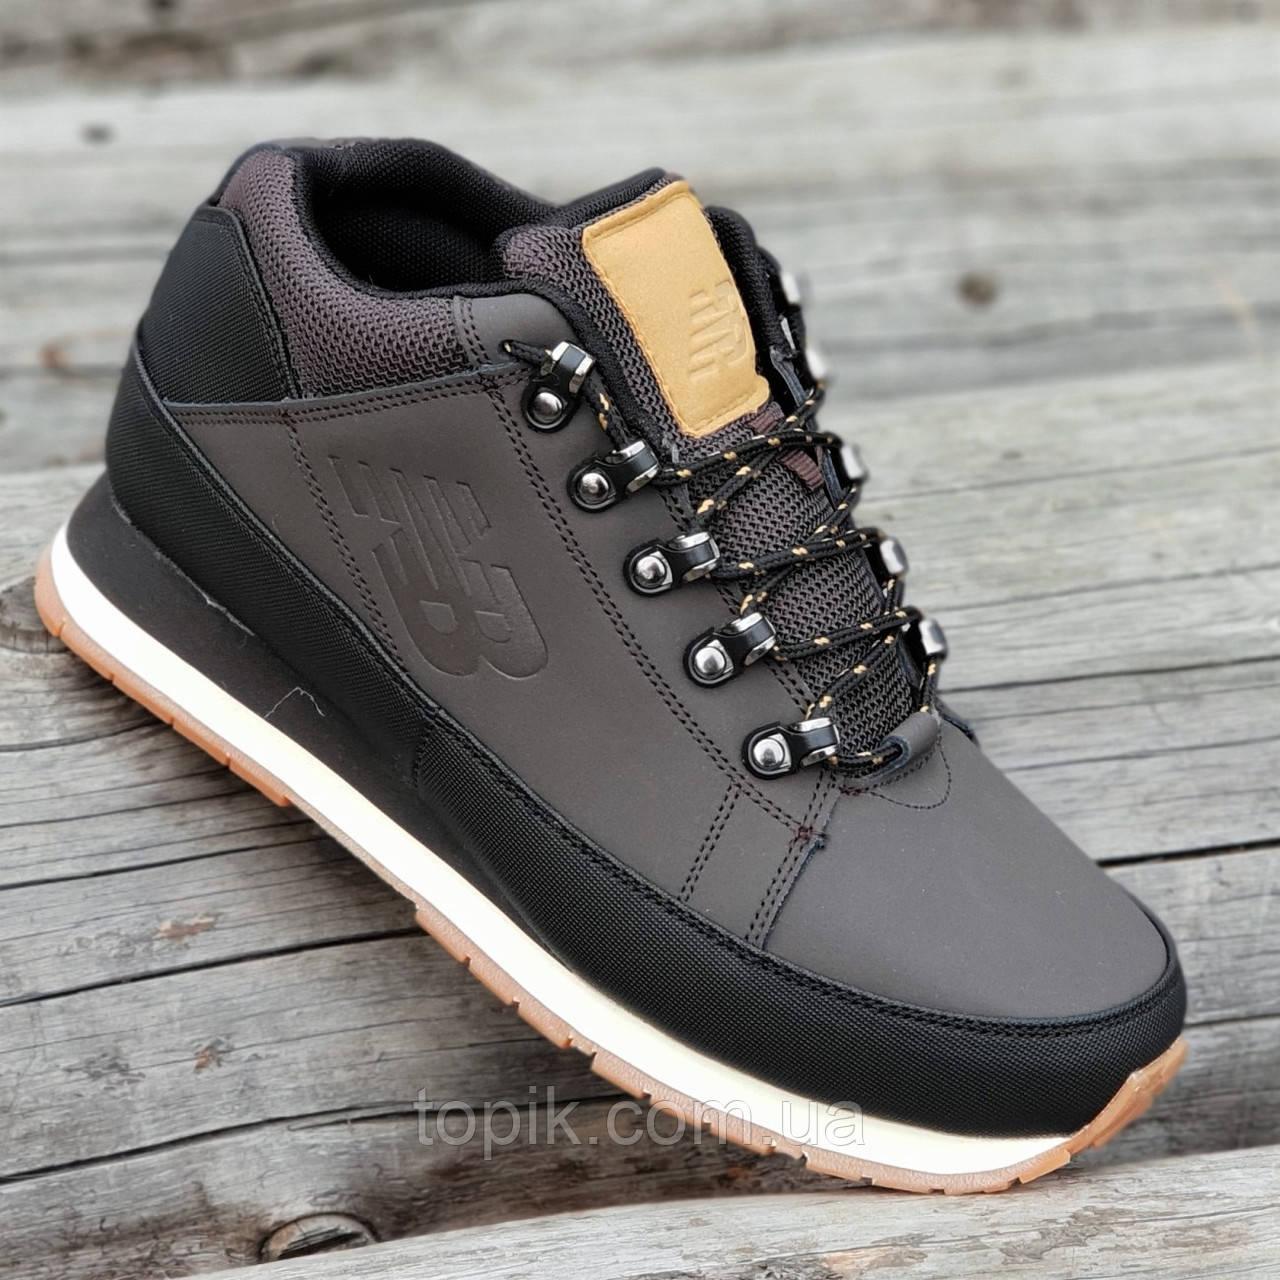 Кроссовки ботинки зимние кожаные New Balance 754 реплика мужские темно коричневые легкие удобные (Код: 1293)